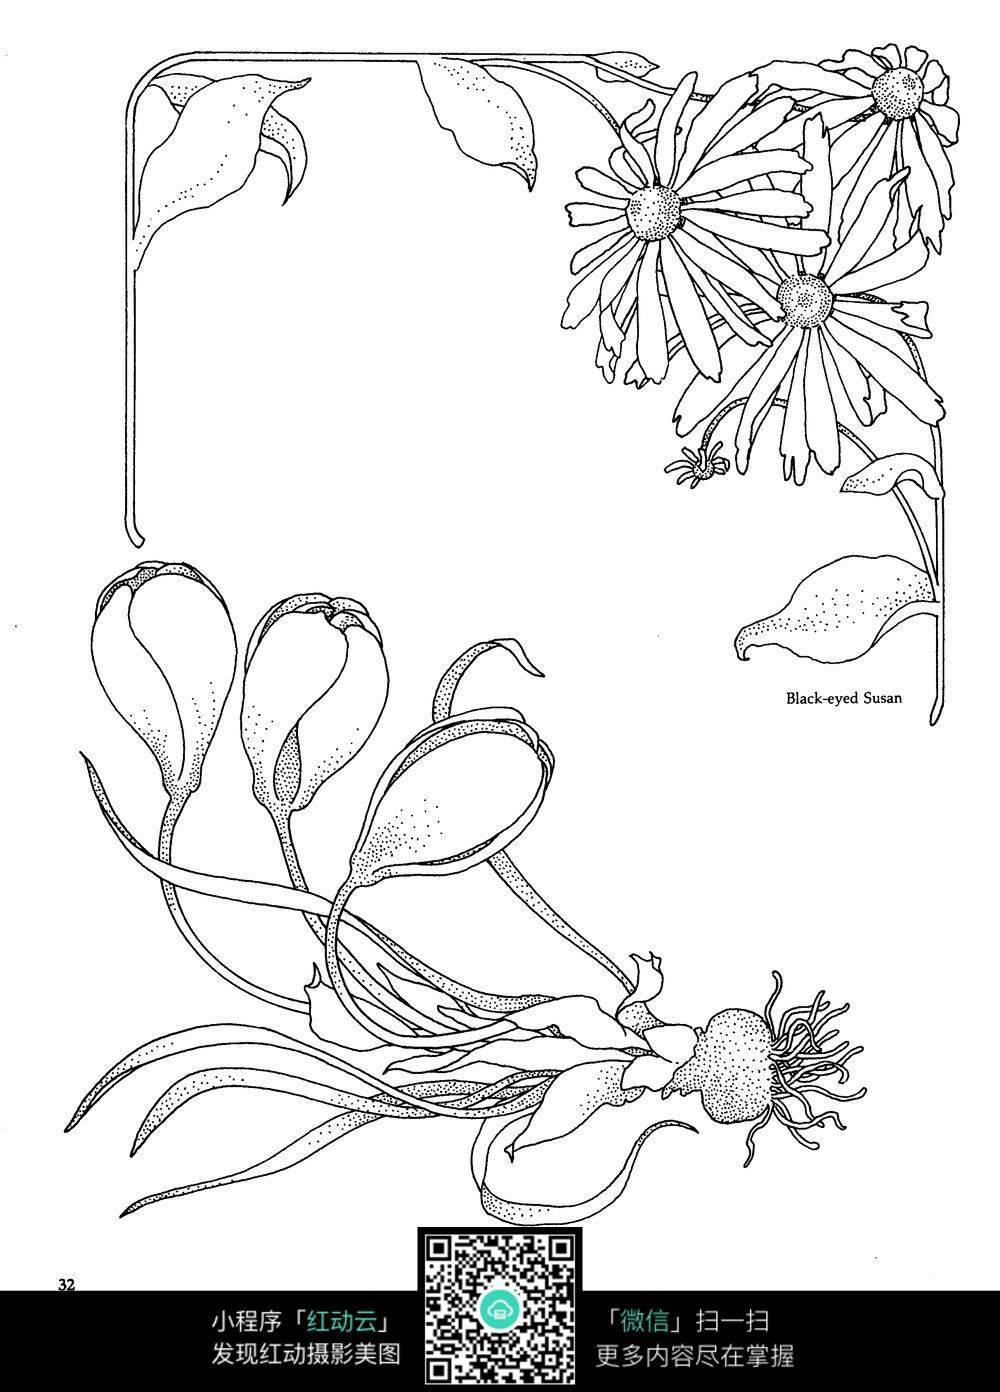 菊花风信子边框图案素材